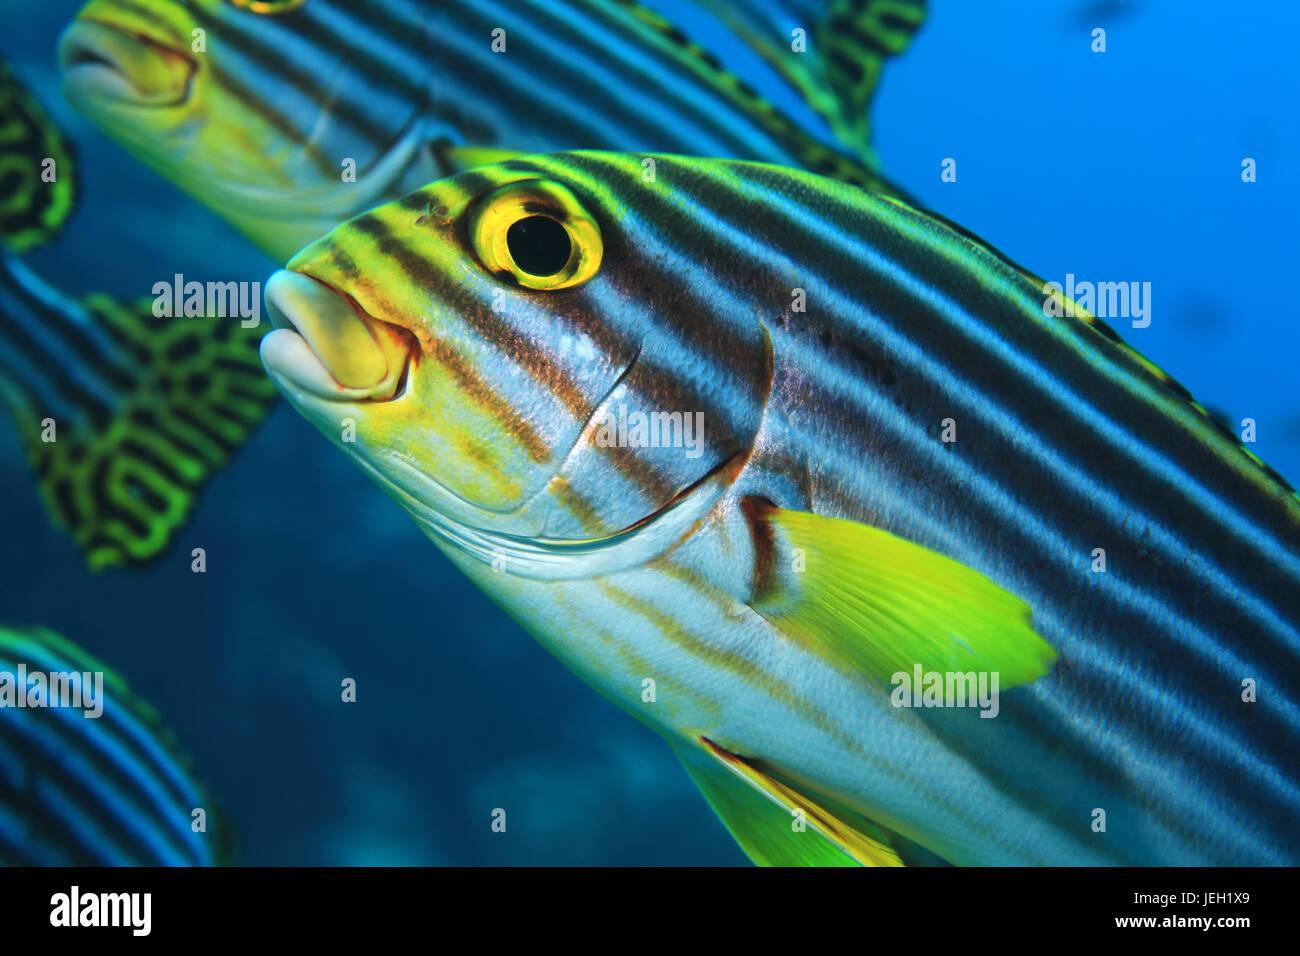 Sweetlips orientales pescado (Plectorhinchus orientalis) bajo el agua, en el océano Índico tropical Imagen De Stock